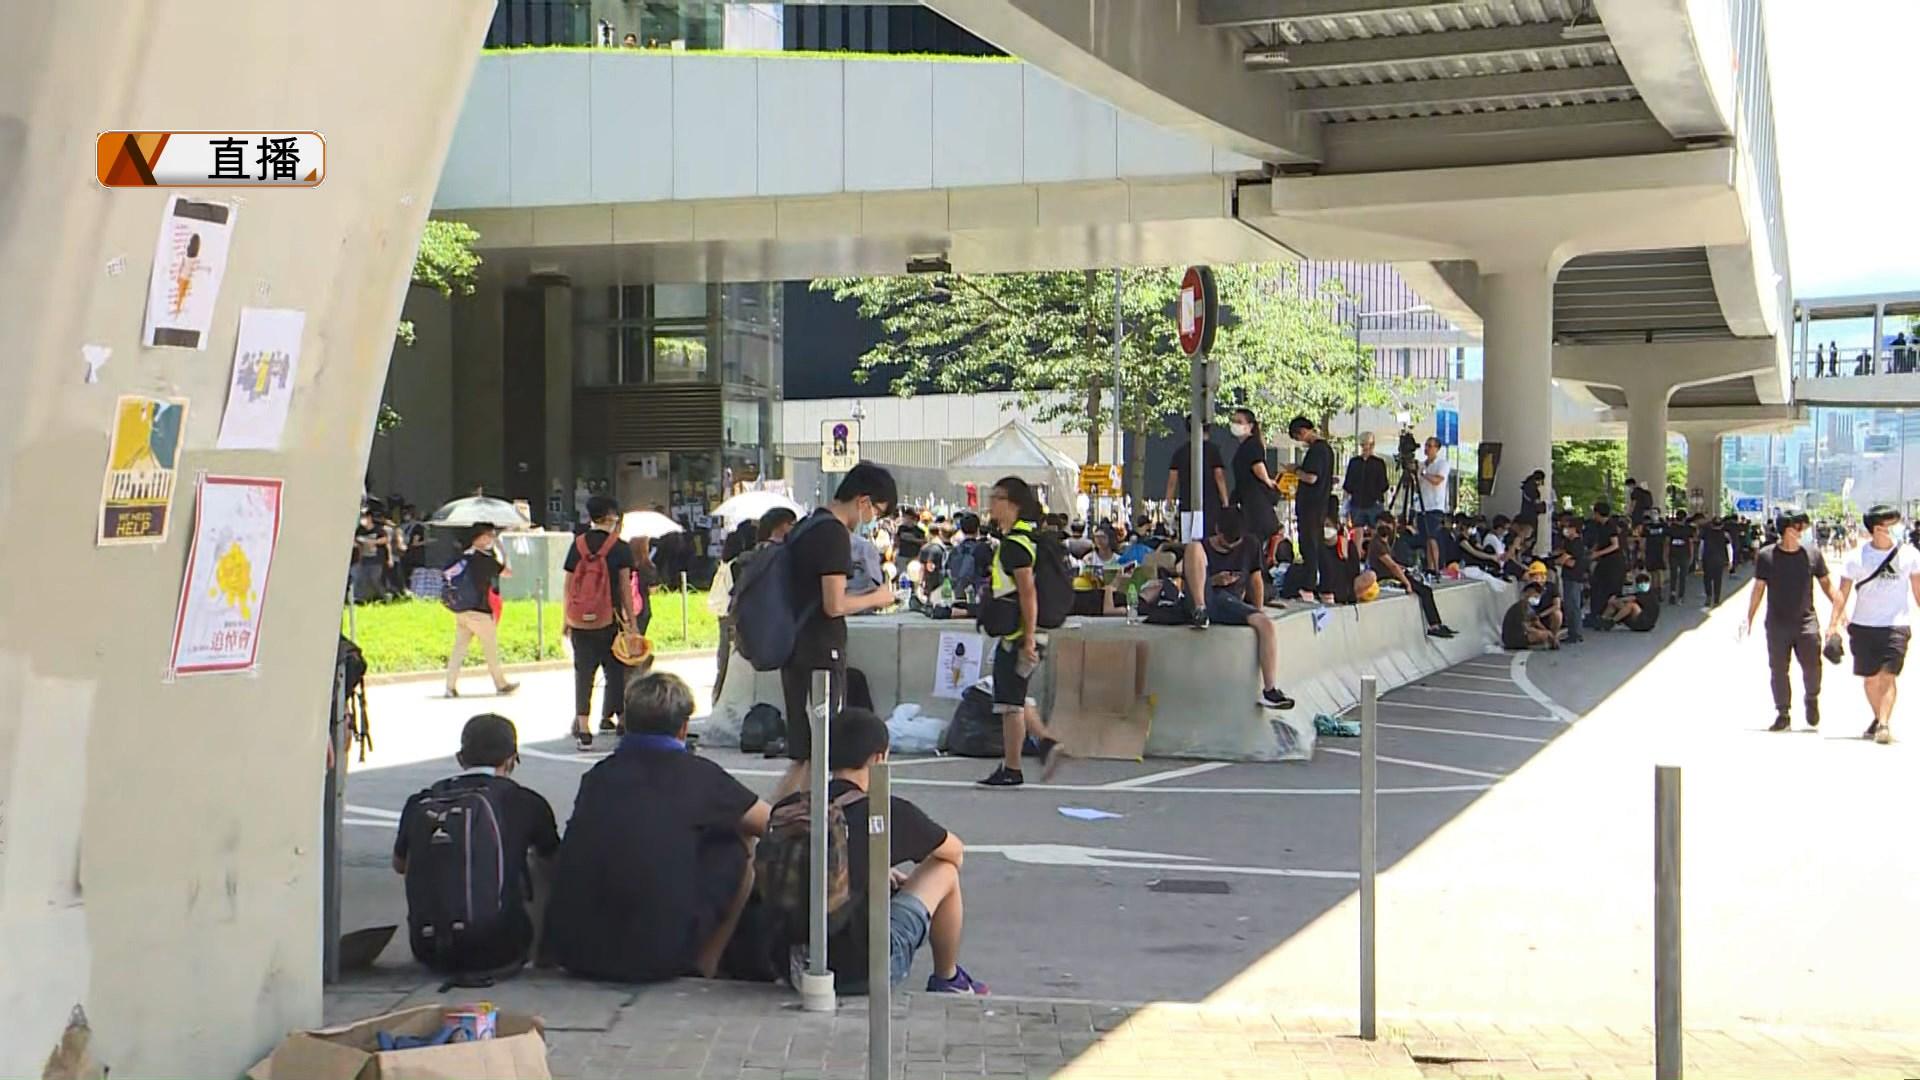 【現場報道】夏慤道示威者正陸續散去